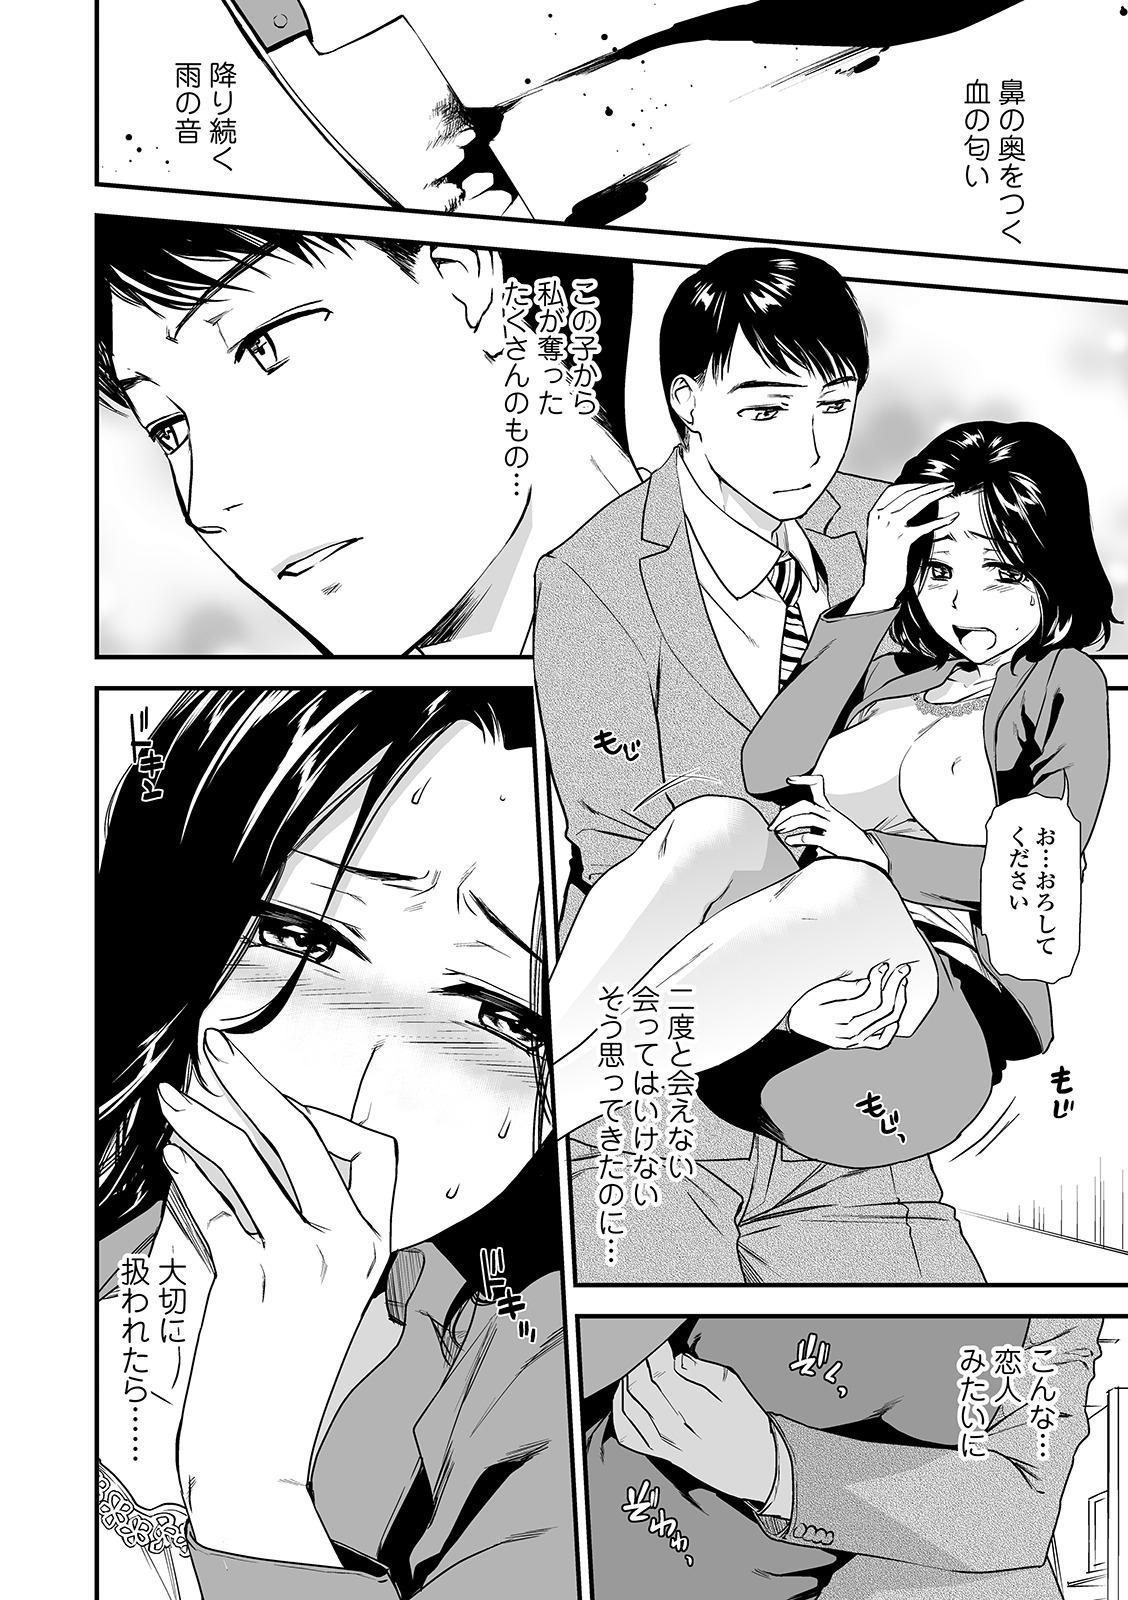 Web Comic Toutetsu Vol. 45 3